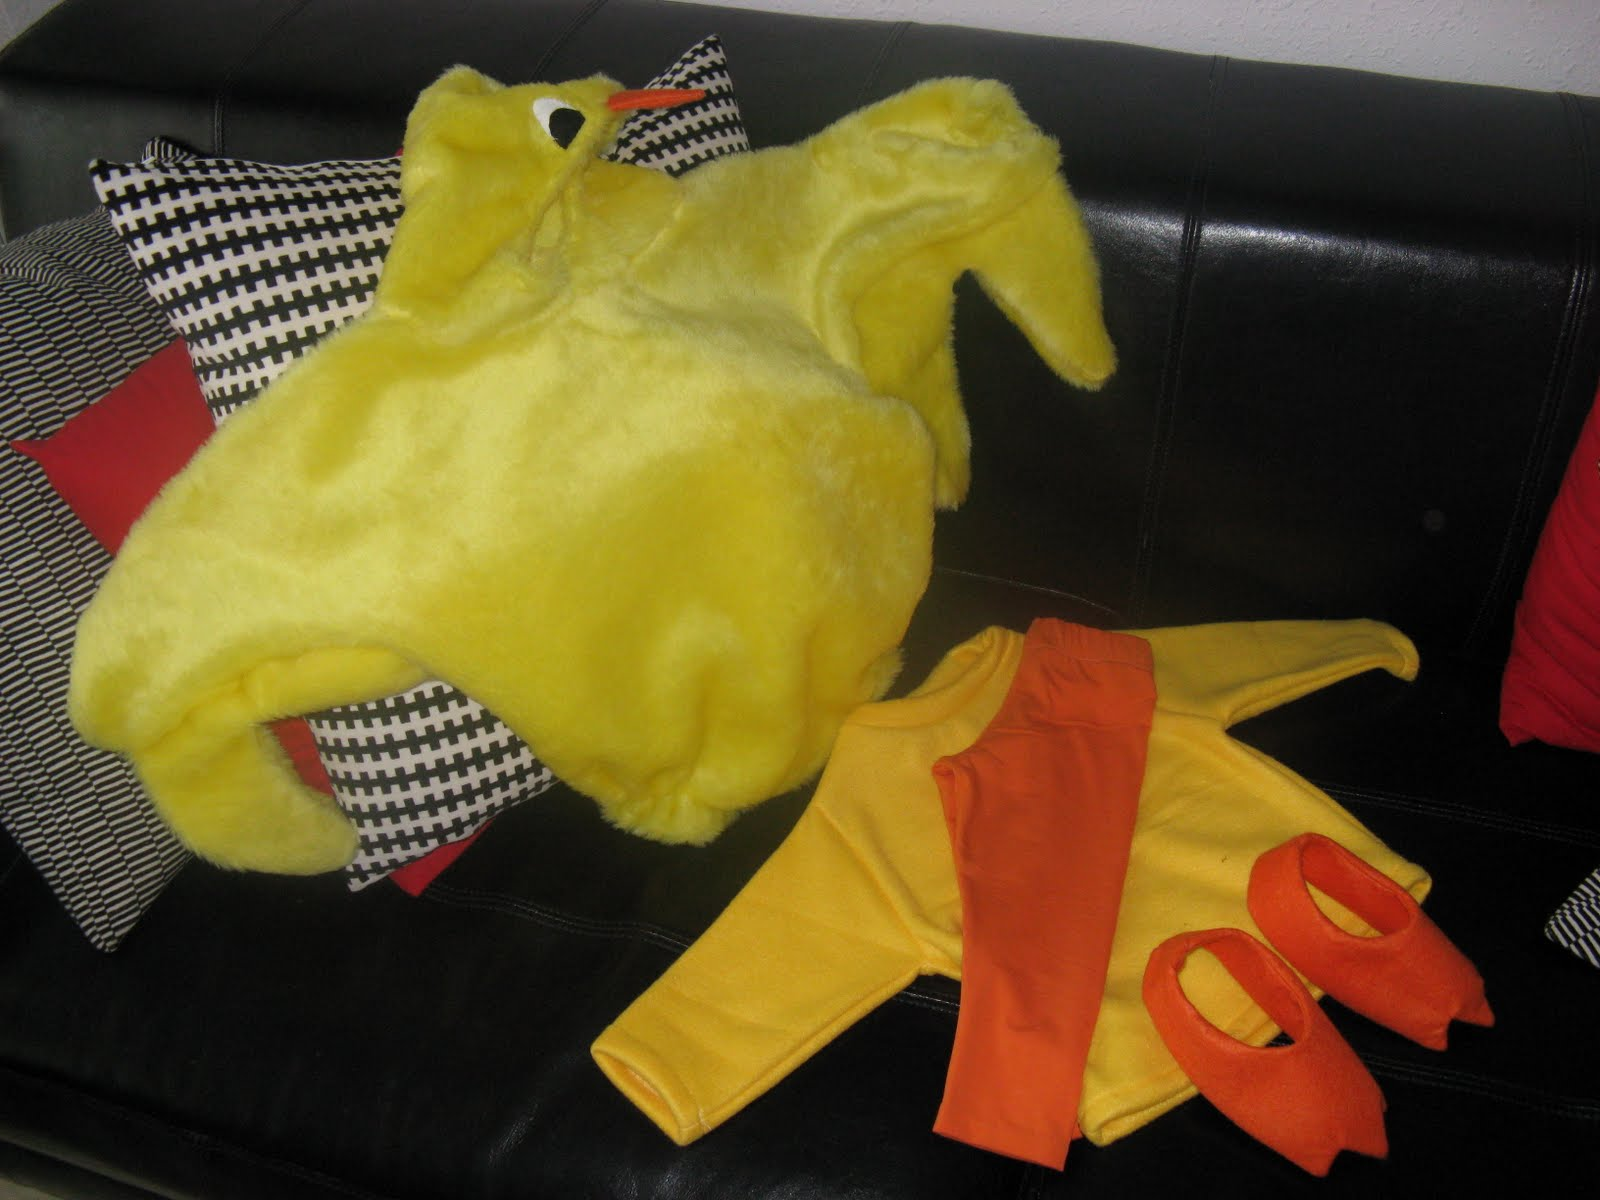 Como Hacer Cola D Pato Disfraz Disfraz De Pato Pocoyo Imagui Ideashot C 243 Mo Hacer Un